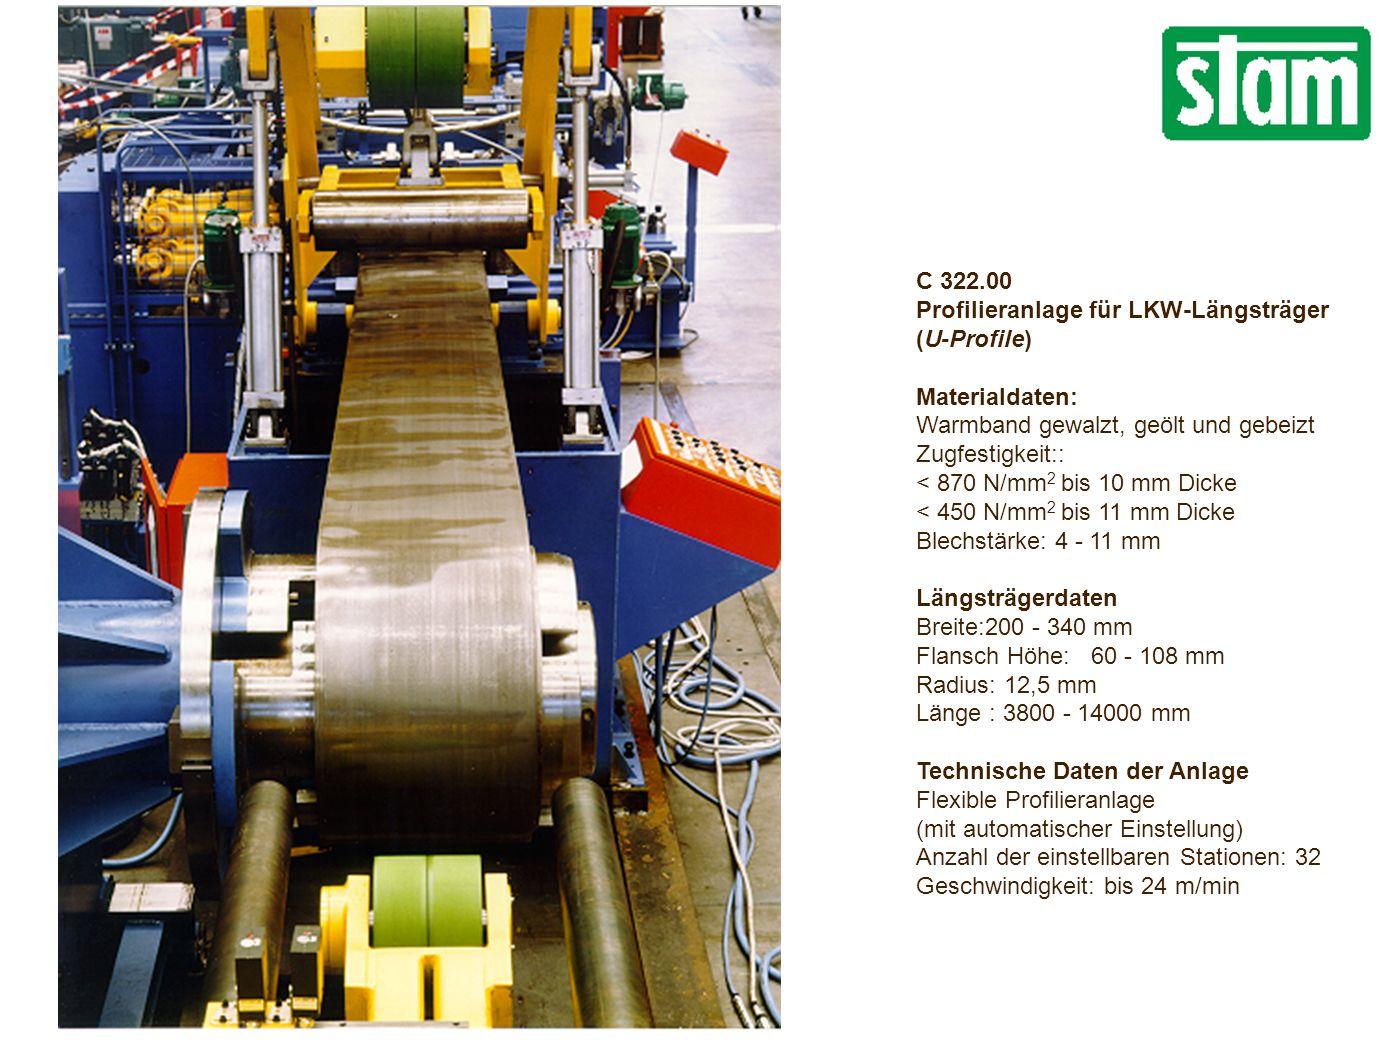 C 322.00 Profilieranlage für LKW-Längsträger (U-Profile) Materialdaten: Warmband gewalzt, geölt und gebeizt Zugfestigkeit:: < 870 N/mm 2 bis 10 mm Dicke < 450 N/mm 2 bis 11 mm Dicke Blechstärke: 4 - 11 mm Längsträgerdaten Breite:200 - 340 mm Flansch Höhe: 60 - 108 mm Radius: 12,5 mm Länge : 3800 - 14000 mm Technische Daten der Anlage Flexible Profilieranlage (mit automatischer Einstellung) Anzahl der einstellbaren Stationen: 32 Geschwindigkeit: bis 24 m/min